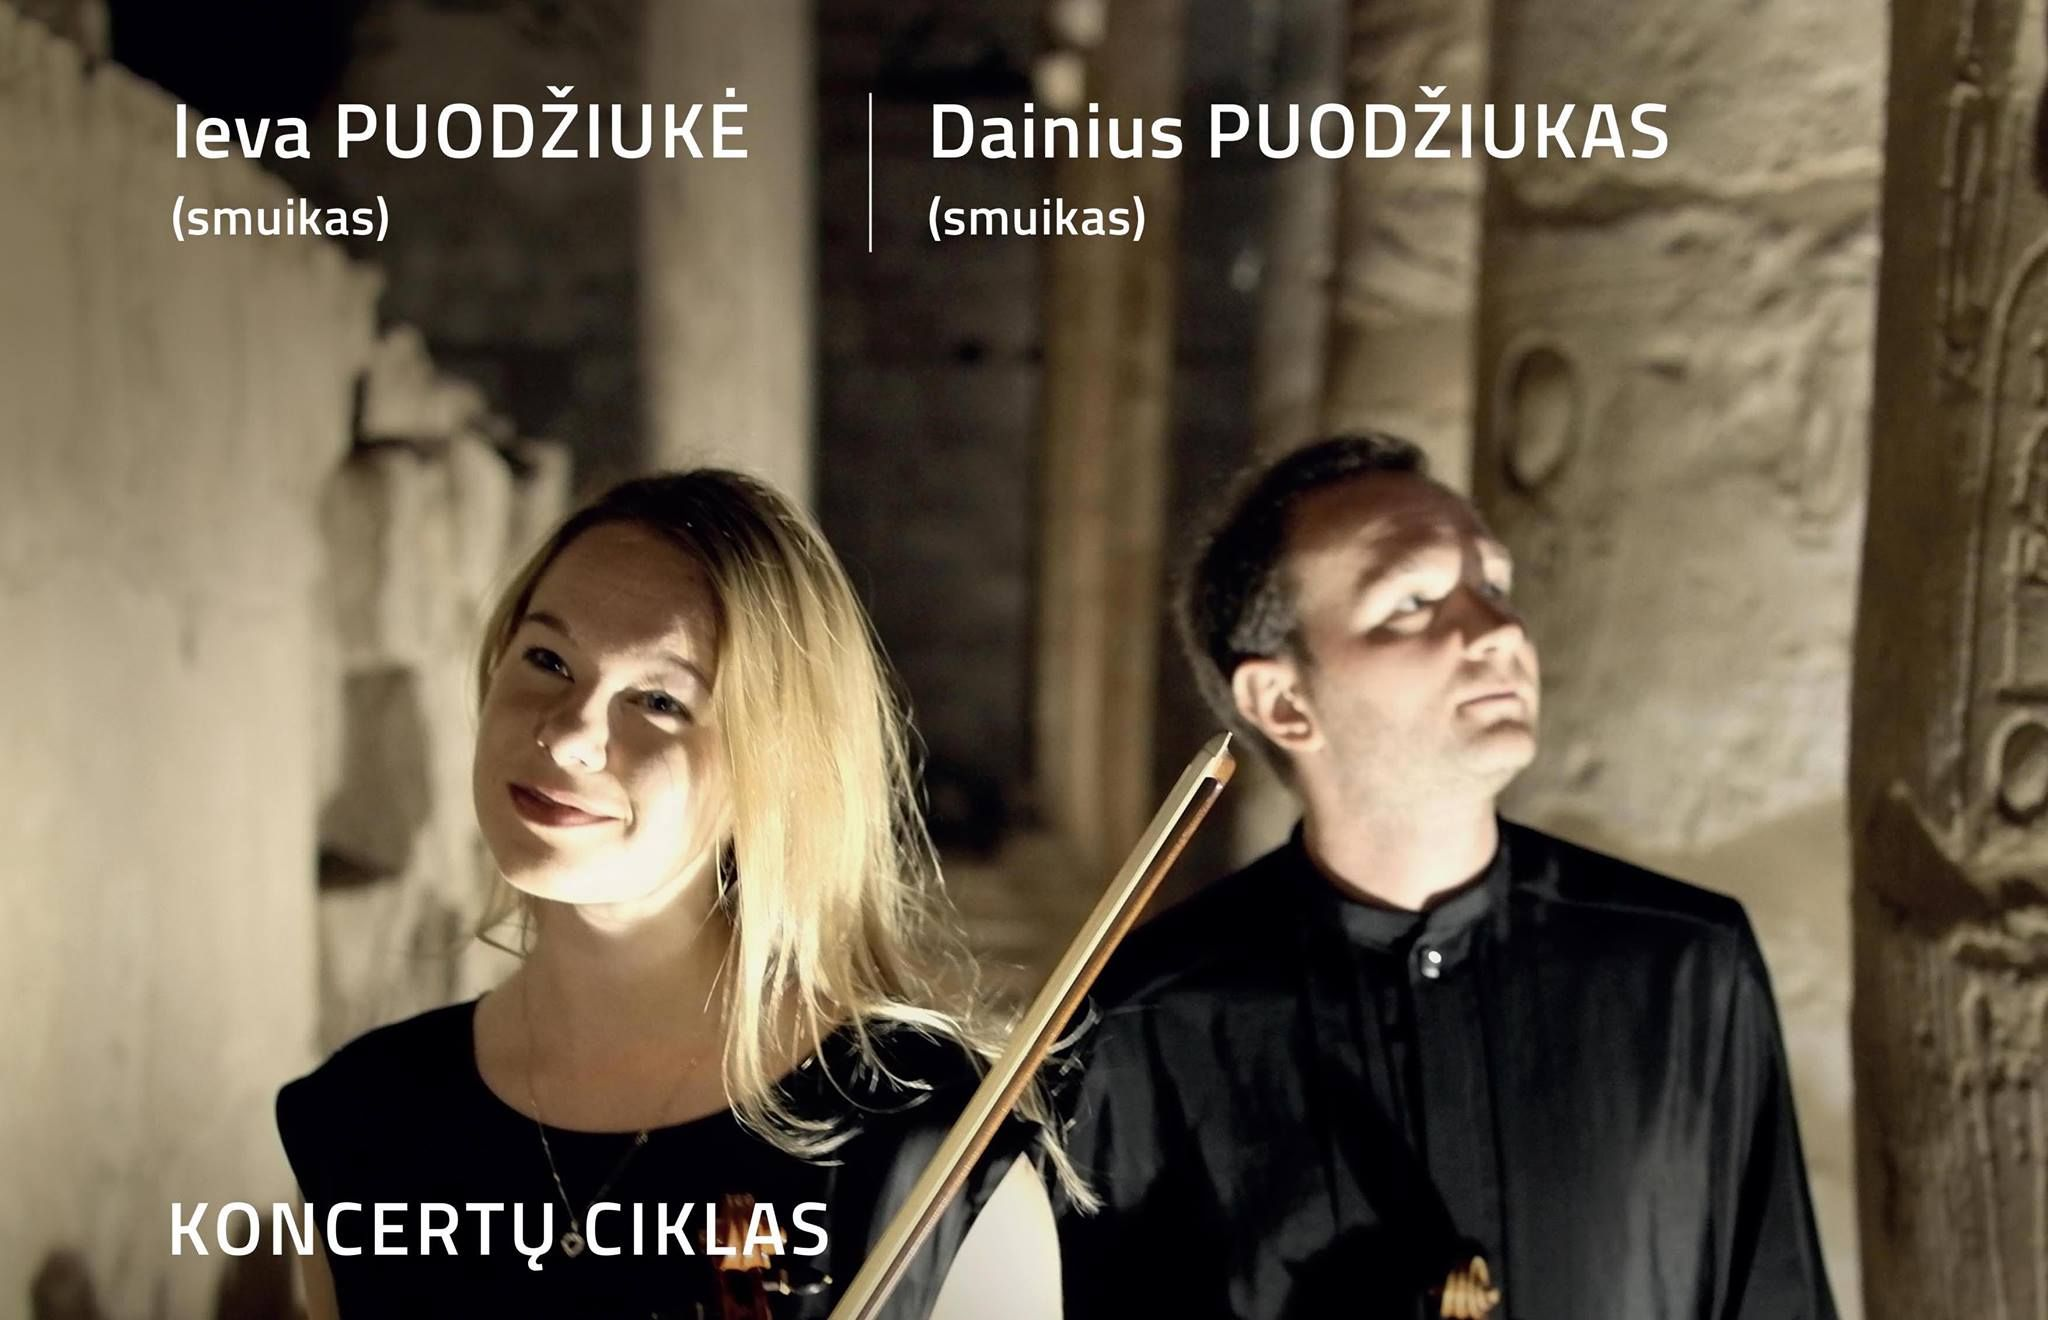 Smuikininkų dueto Ievos ir Dainiaus Puodžiukų koncertas